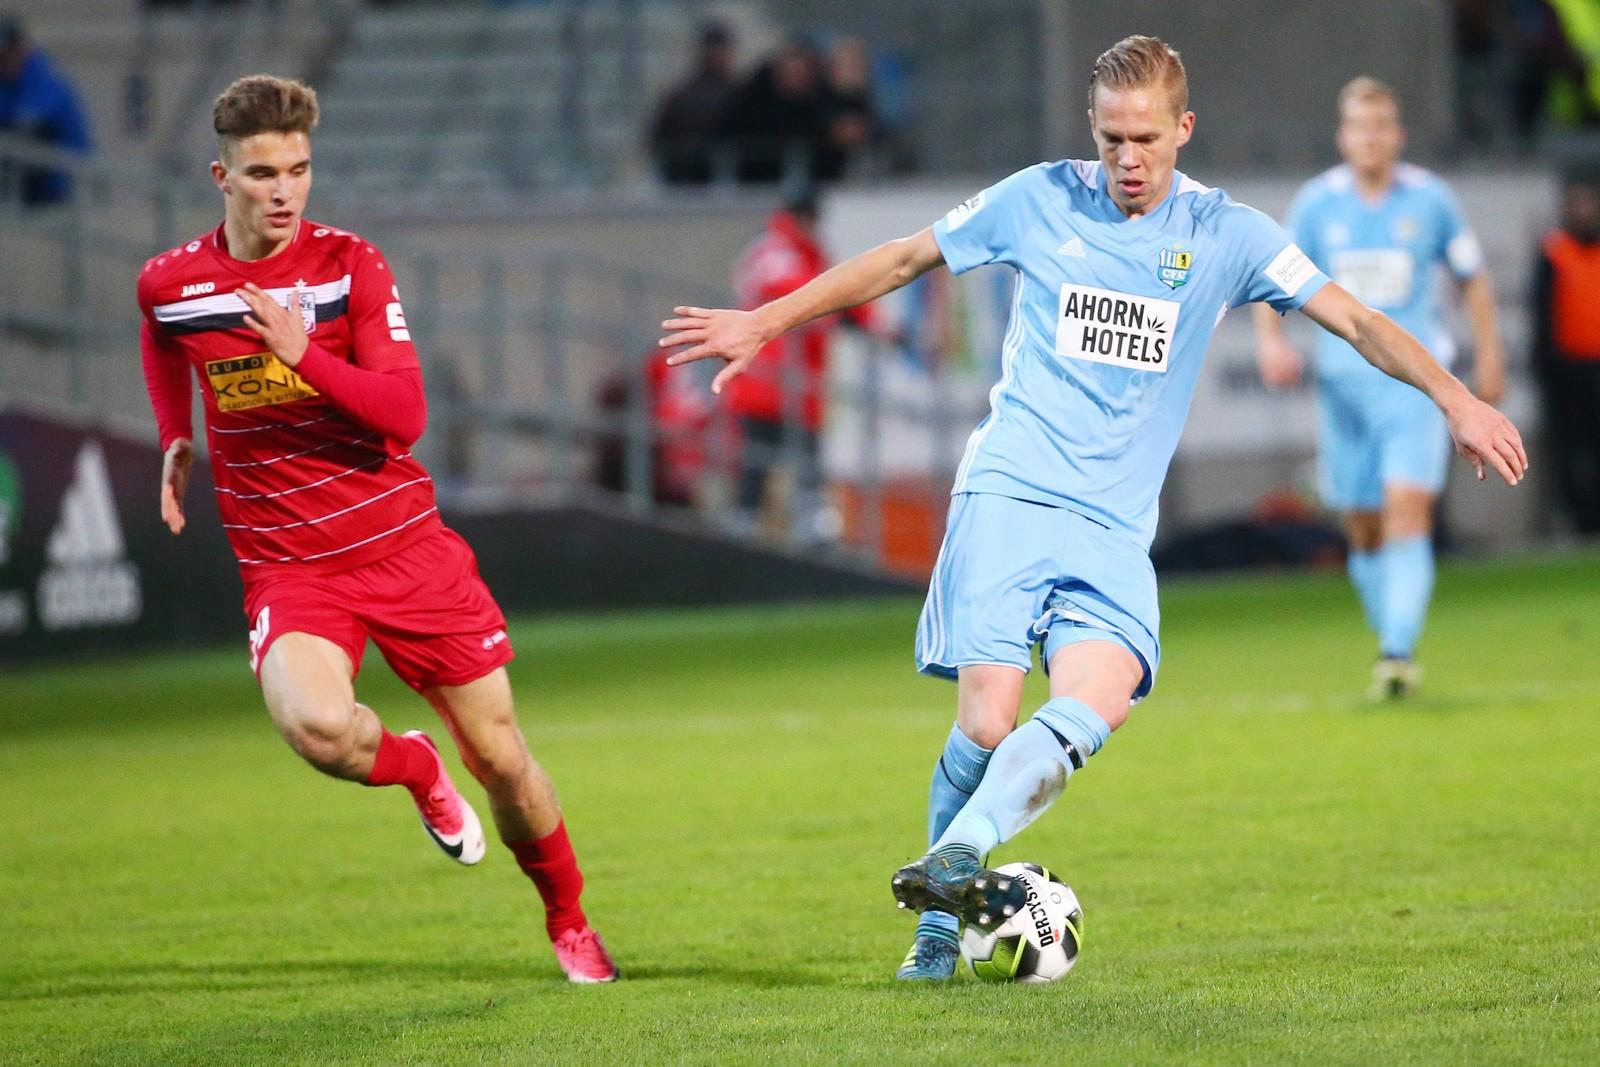 Bastian Kurz von Rot-Weiß Erfurt gegen Dennis Grote vom Chemnitzer FC